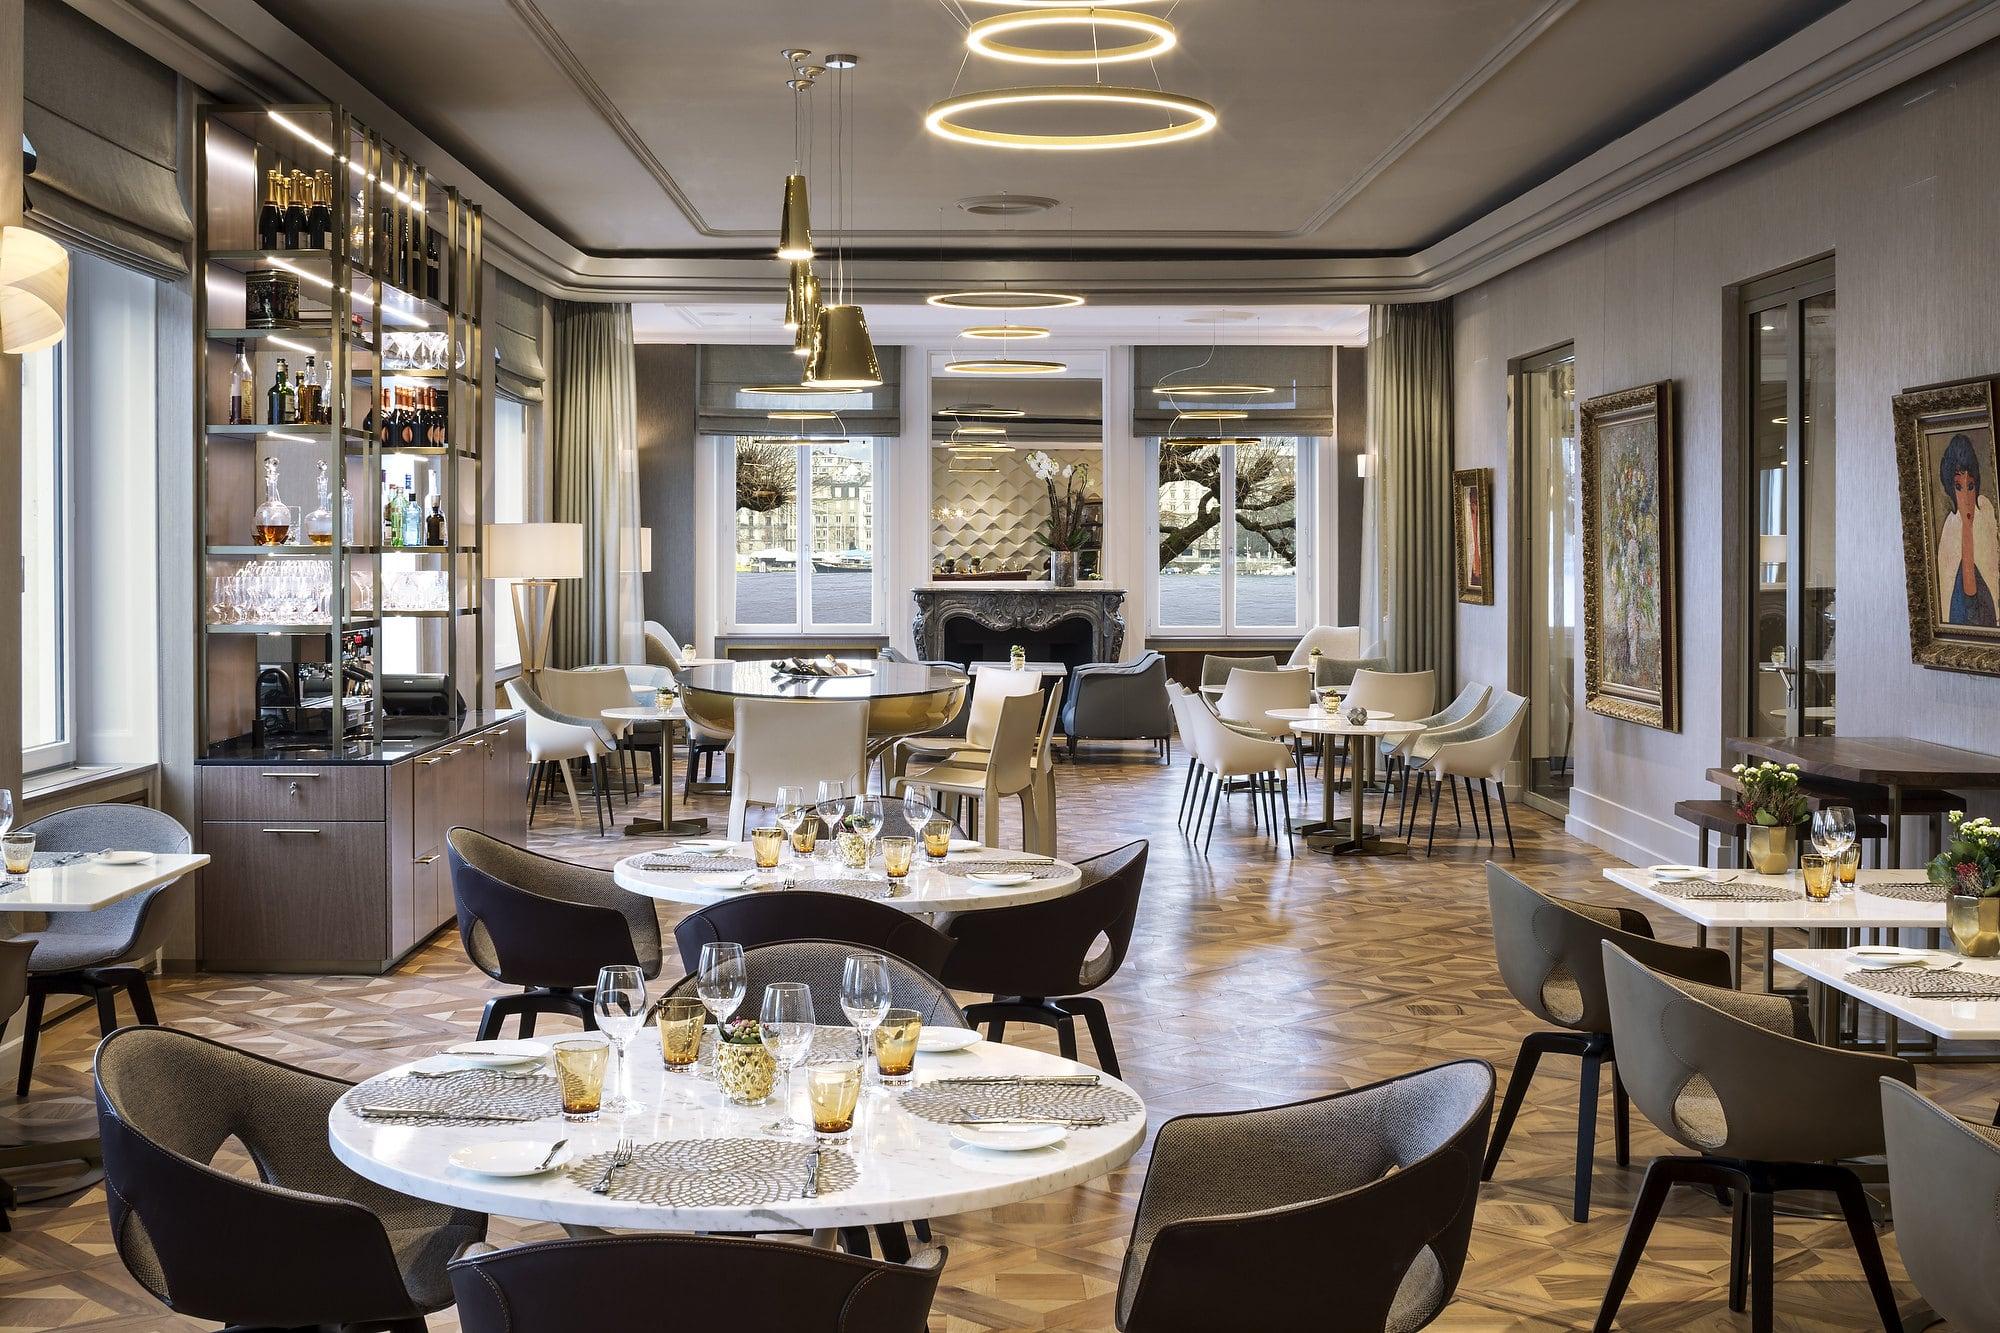 Ritz-Carlton bringt seinen legendären Luxus in die Schweiz 3